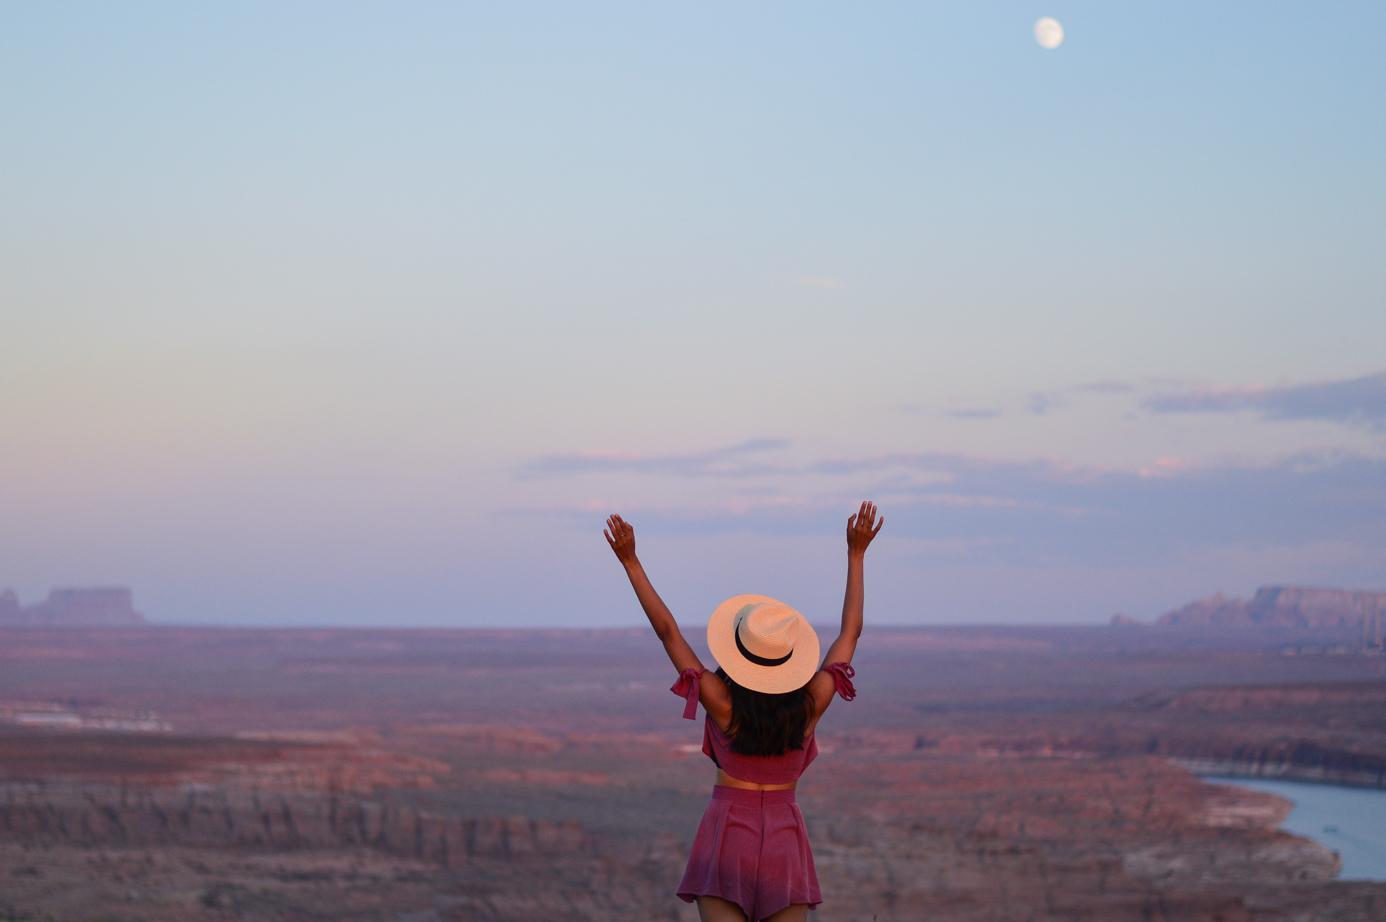 pink-crop-top-shorts-set-bryce-canyon-utah-wahweap-campground-travel-blogger-sunset 24